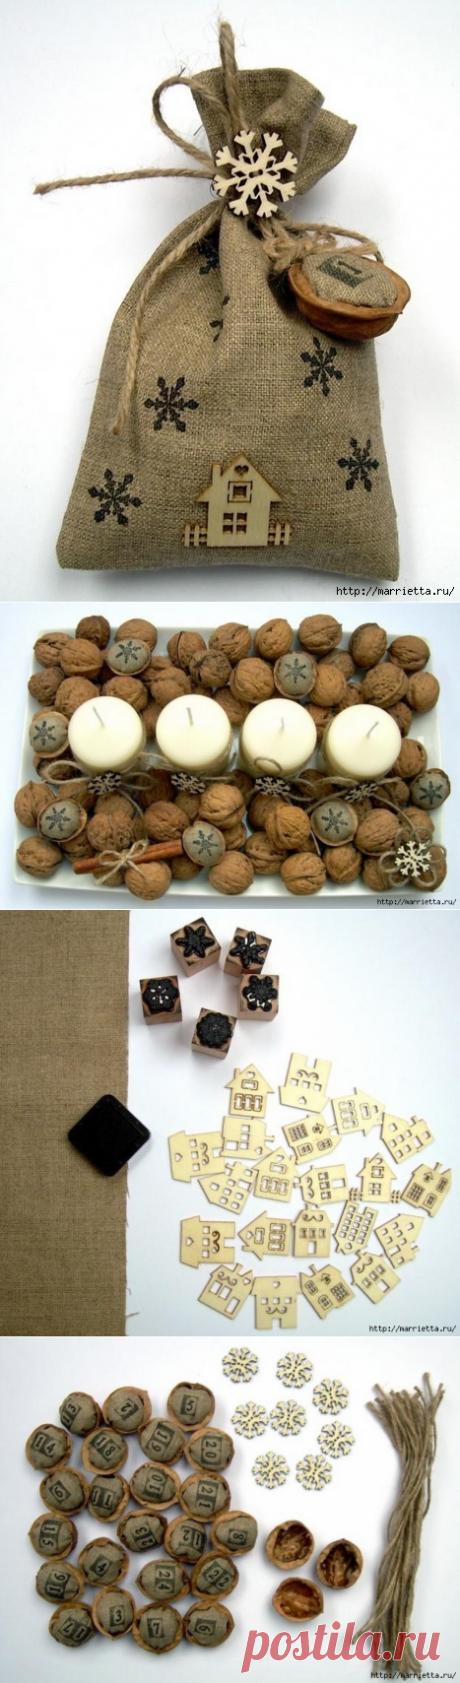 Идеи упаковки новогодних подарков. Шьем мешочки и украшаем их грецкими орехами